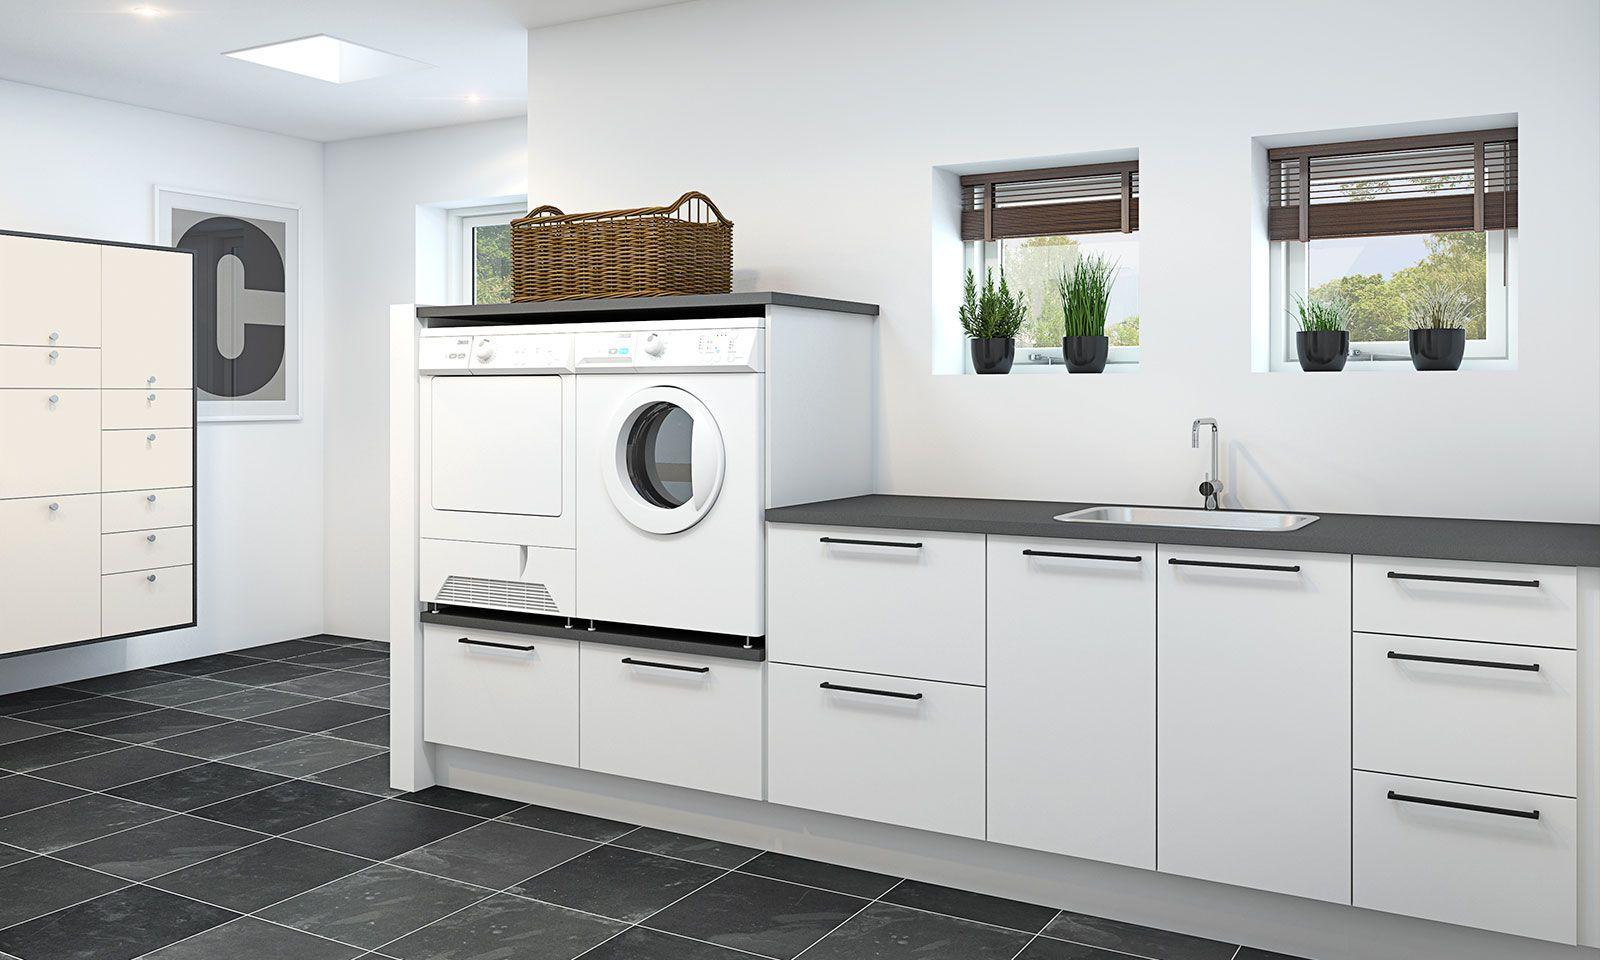 Vaskerom: Praktisk arbeidsbenk og hevede vaskemaskiner | P - TV2c ...